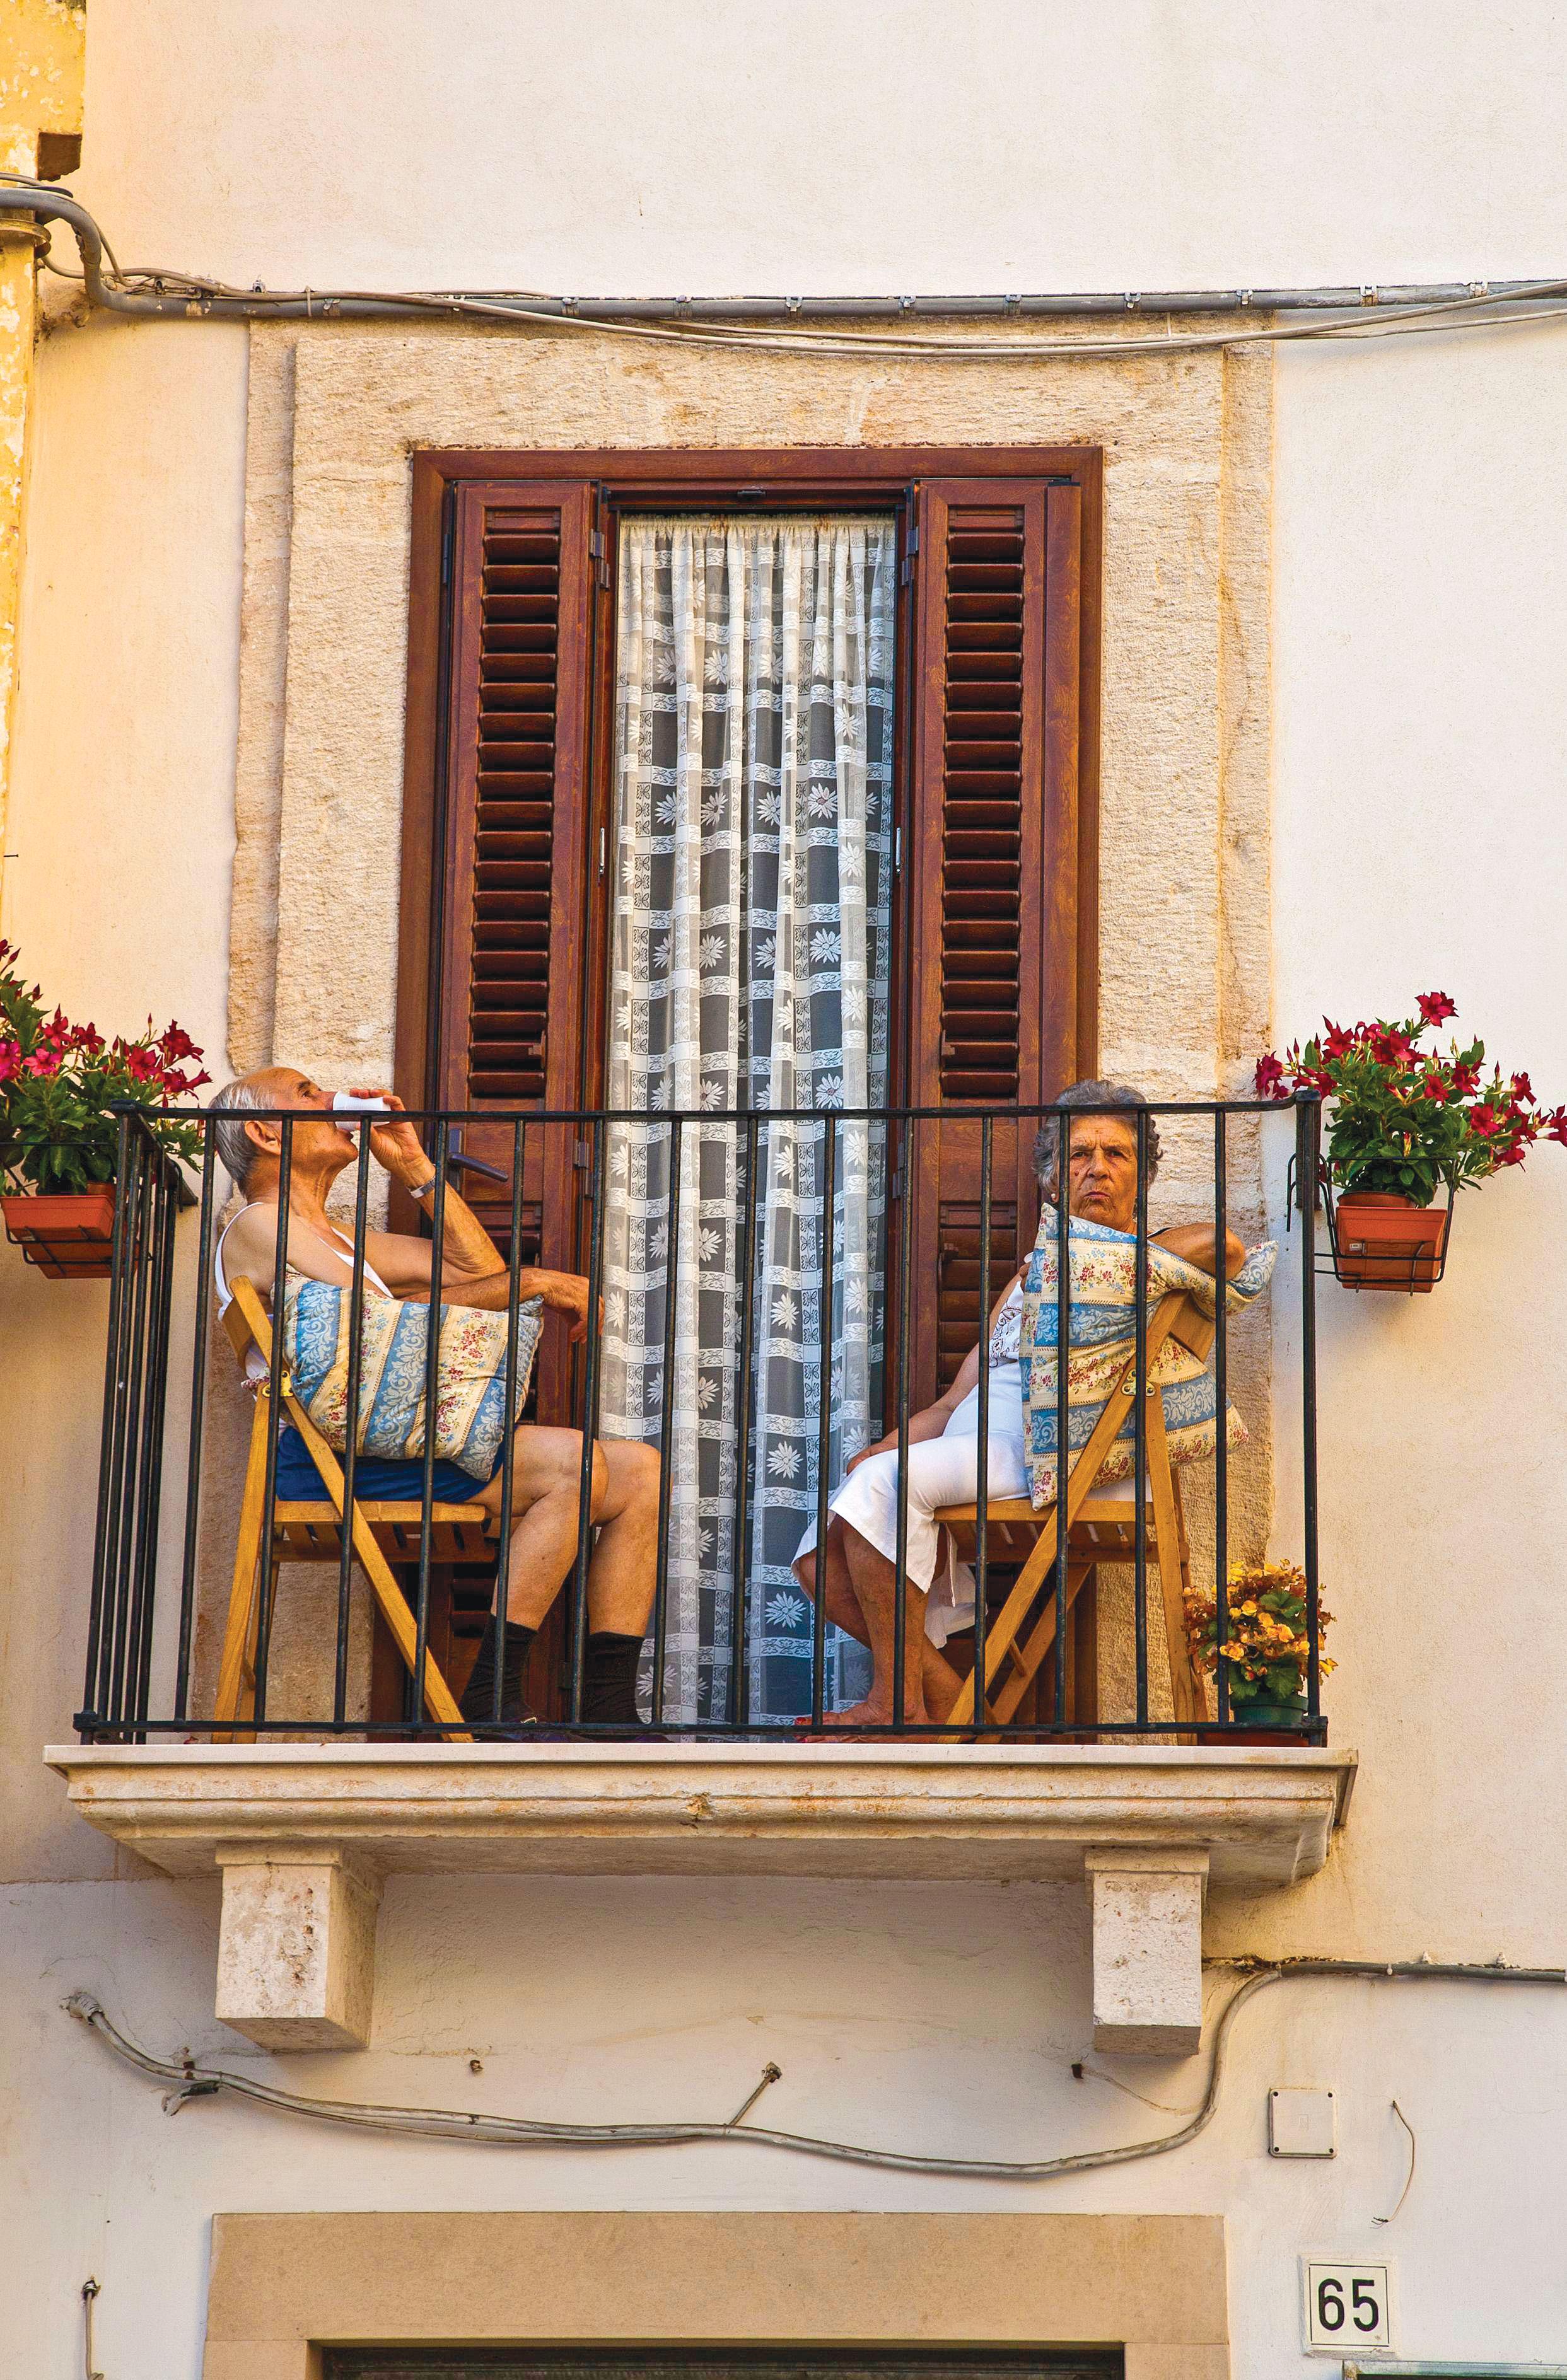 Uma senhora e um senhor descansam de forma descontraída na varada de sua casa, a qual é decorada com vasos de flores